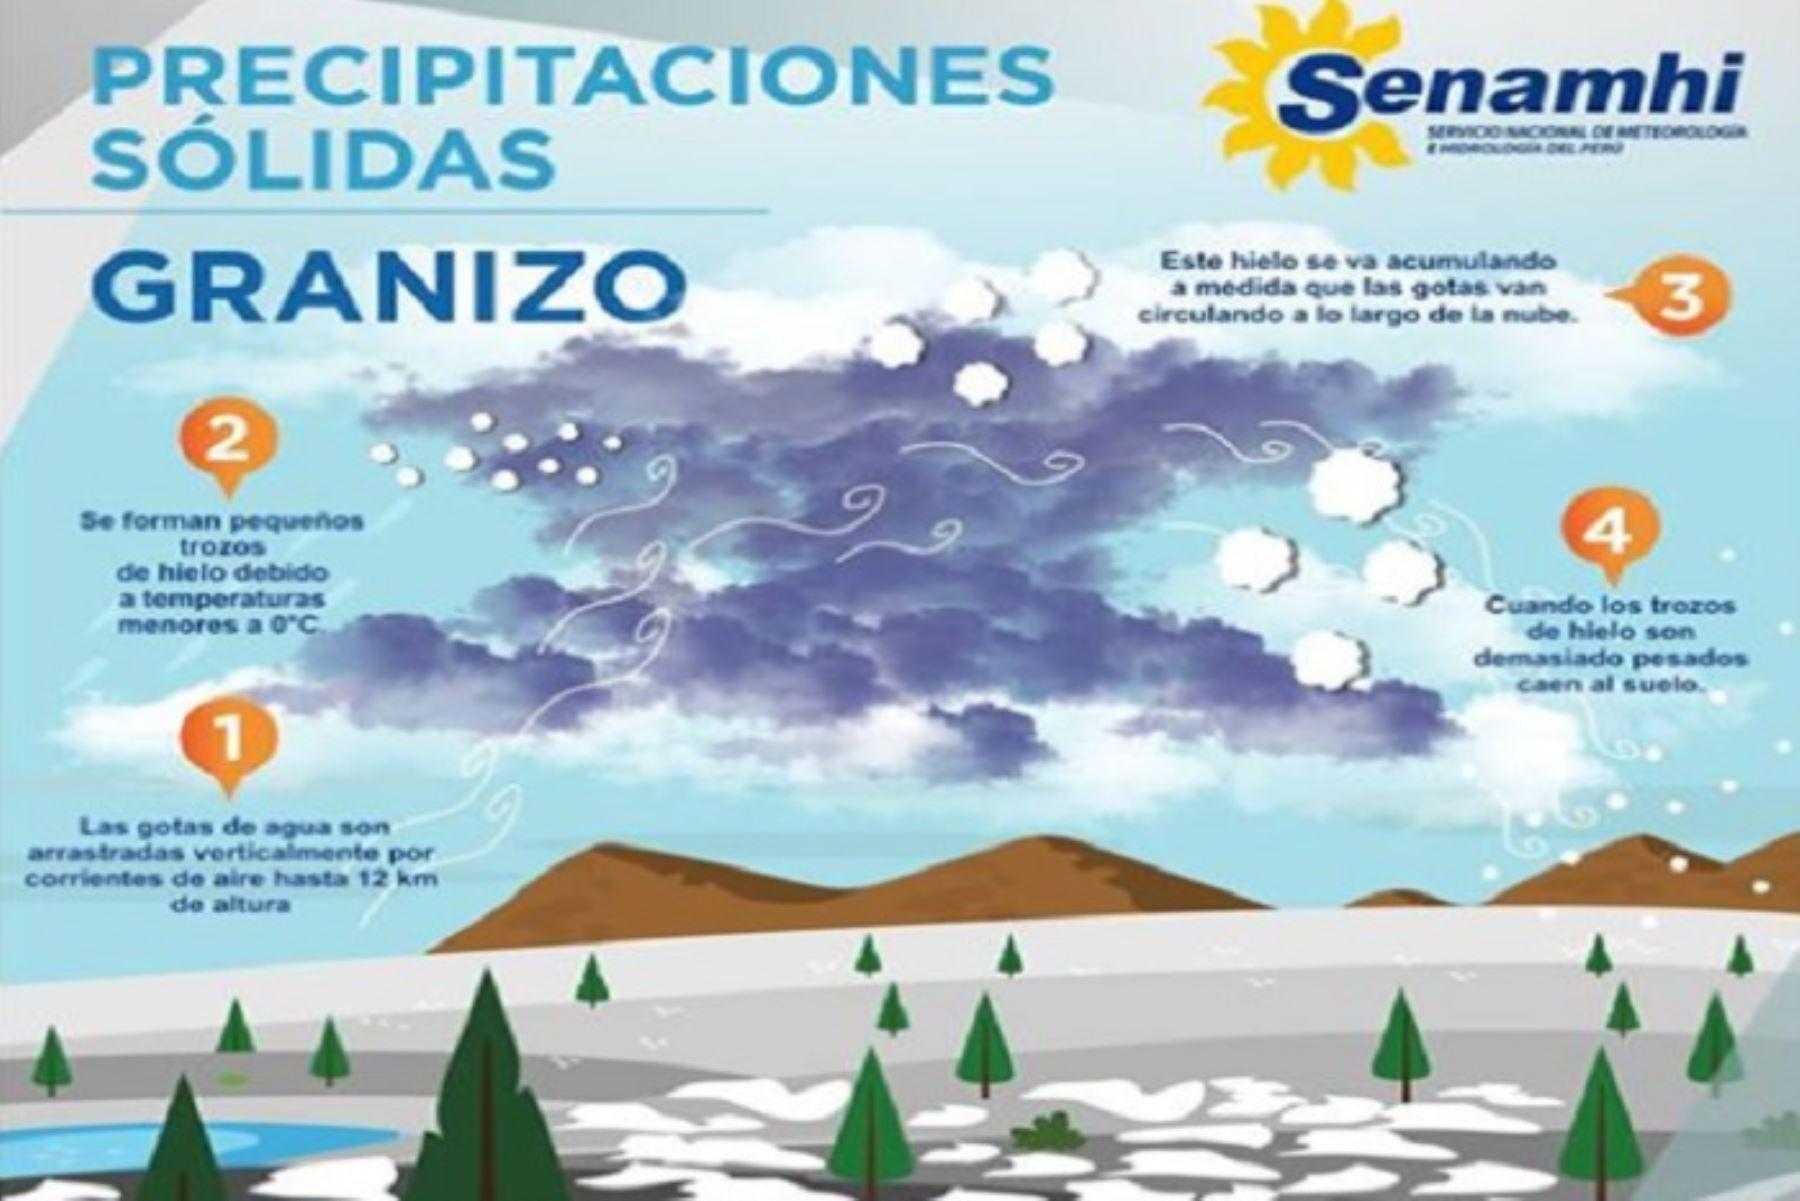 Desde este sábado hasta el lunes 17 de junio, la Sierra soportará nevada y granizada, pronosticó el Senamhi.